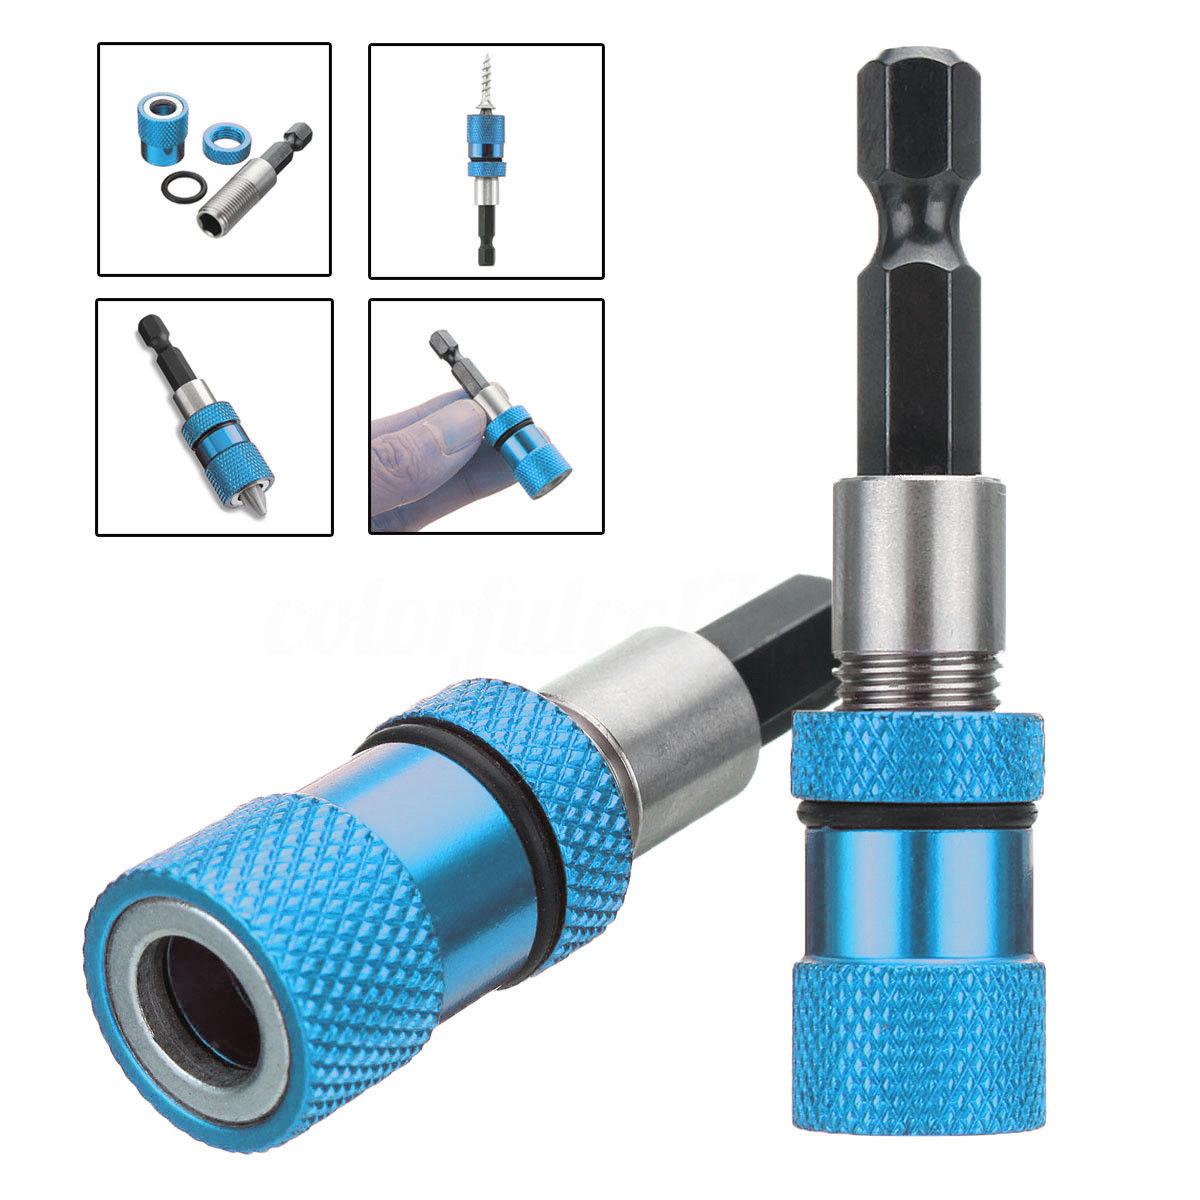 2x Schnellwechsel Socket Magnetische Bithalter Bit Halter Schnellwechselsystem Z